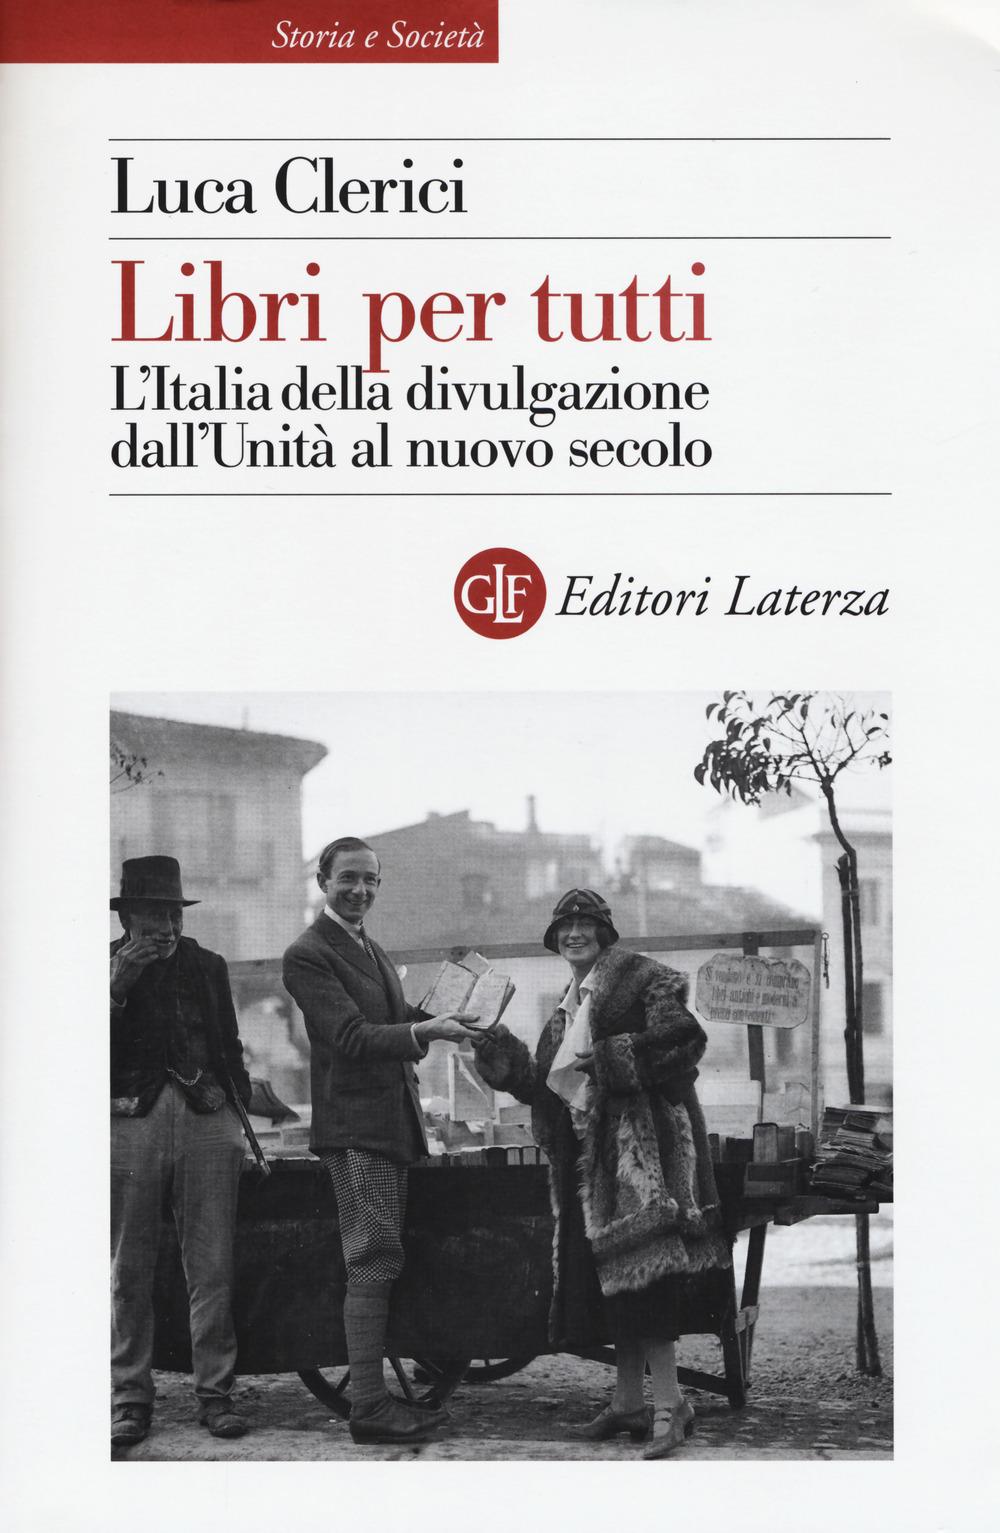 LIBRI PER TUTTI. L'ITALIA DELLA DIVULGAZIONE DALL'UNITÀ AL NUOVO SECOLO - 9788858127889